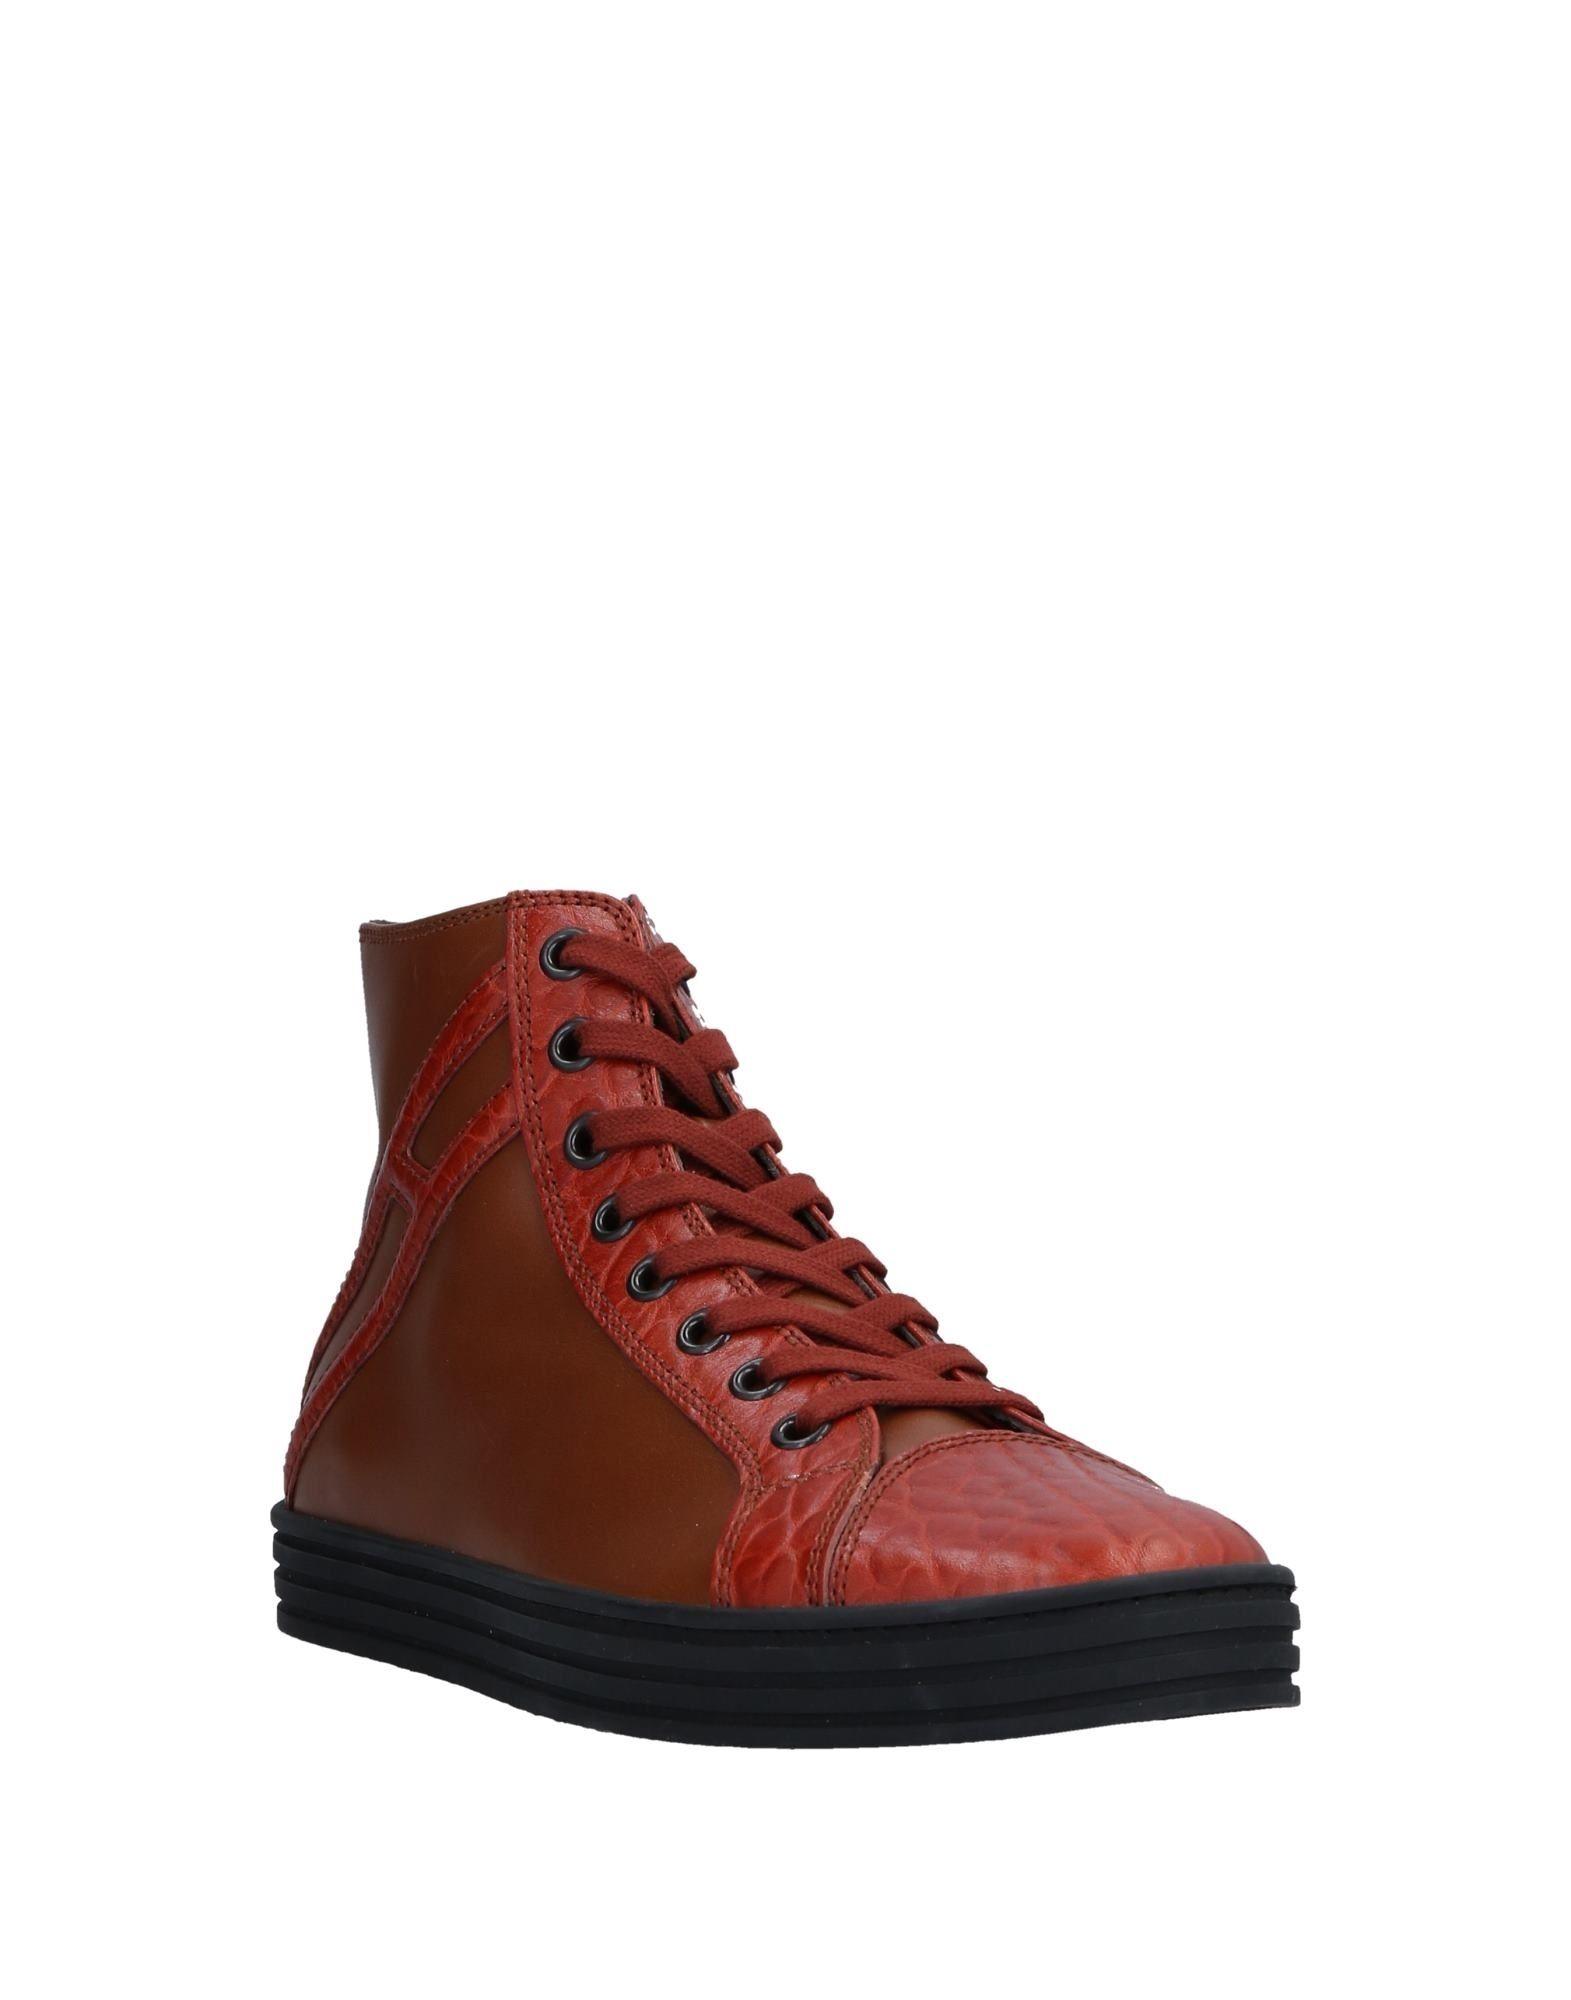 Hogan Rebel Gute Sneakers Herren  11539421PU Gute Rebel Qualität beliebte Schuhe a984d7